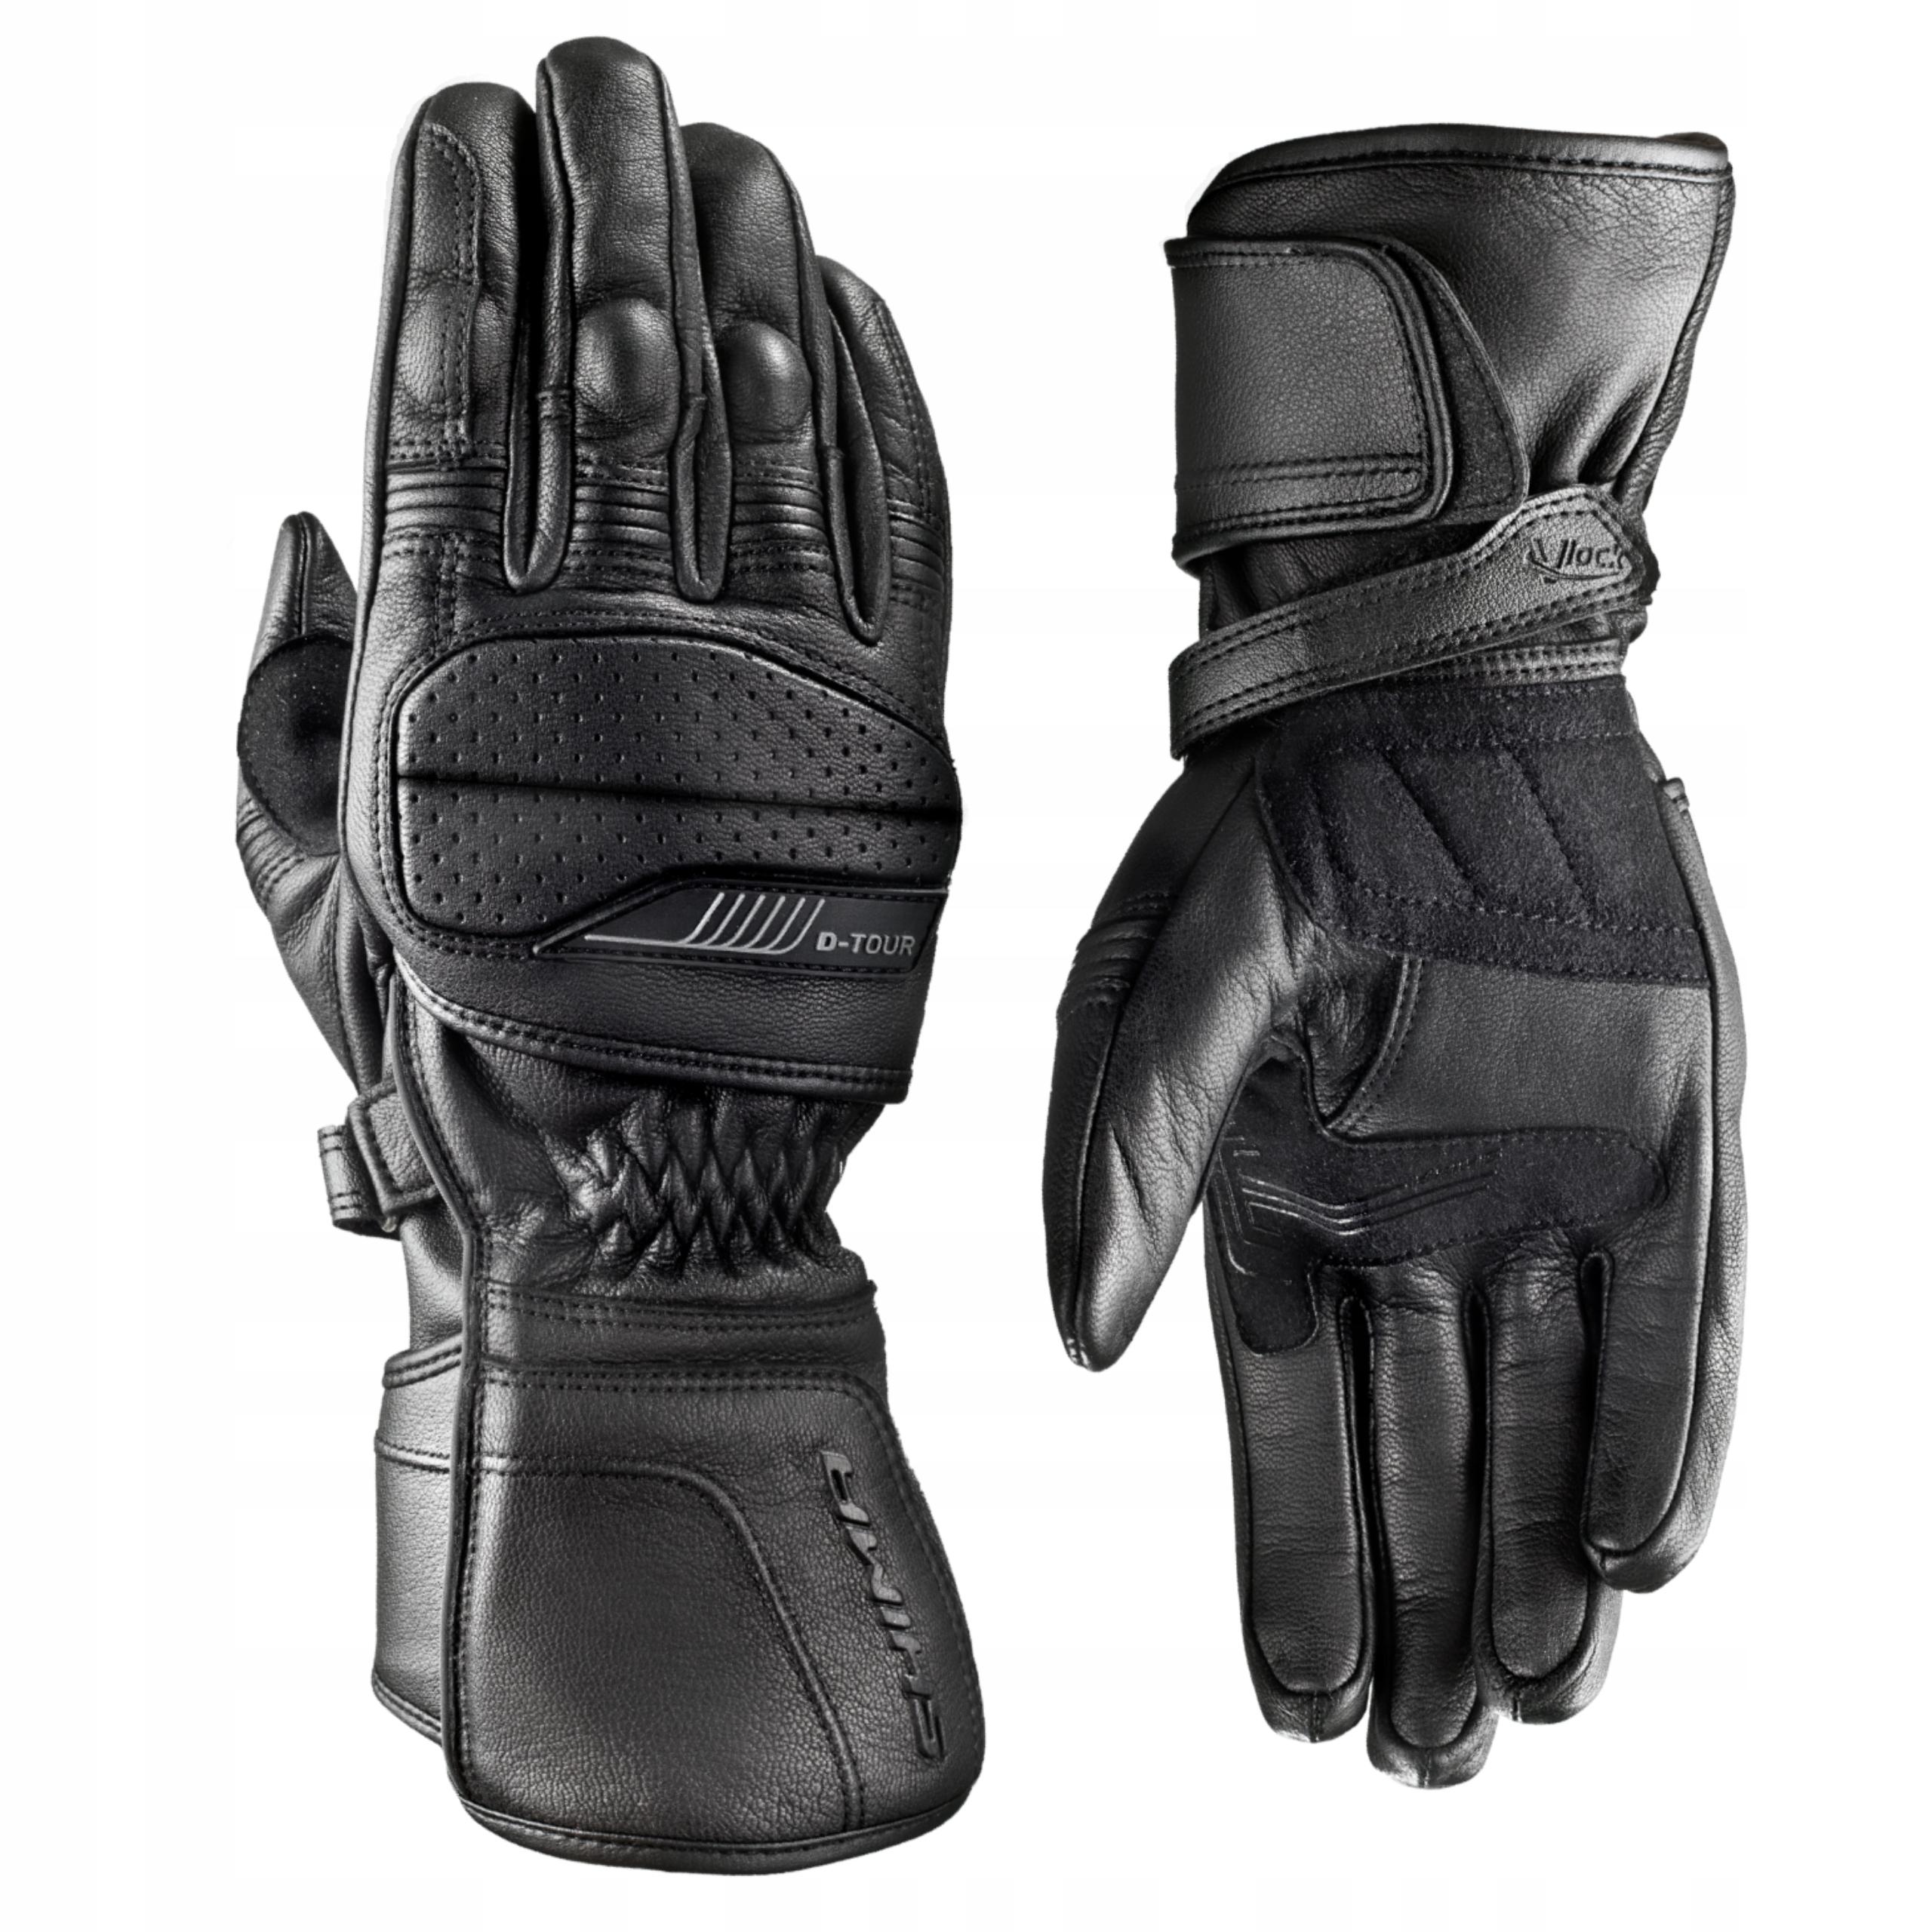 Мотоциклетные перчатки SHIMA D-TOUR BLACK БЕСПЛАТНО